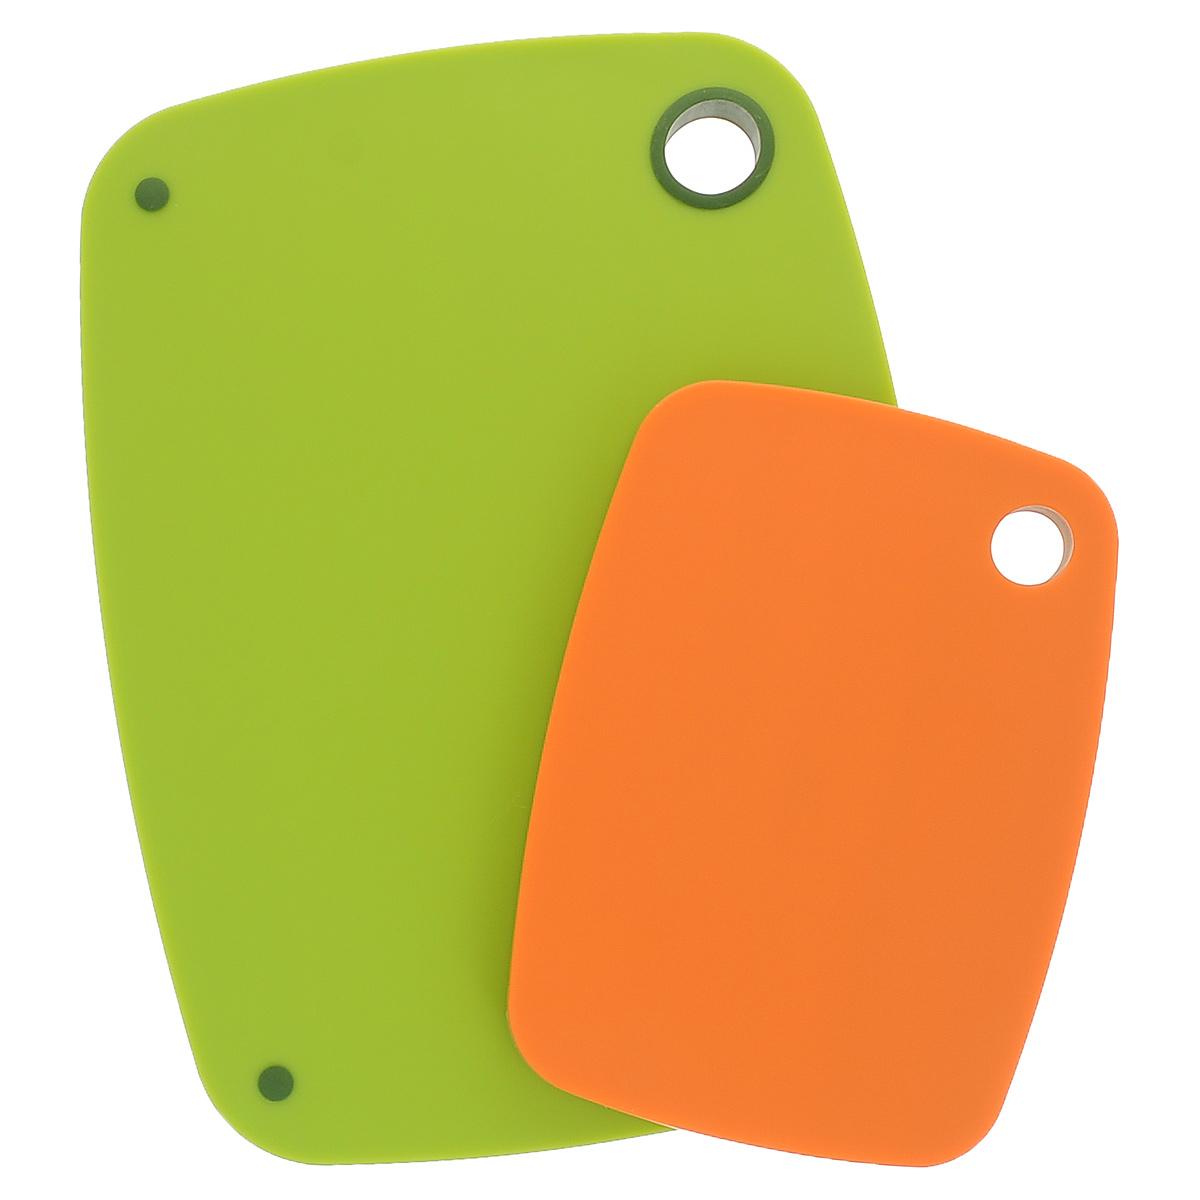 Набор разделочных досок из бамбука, цвет: салатовый, оранжевый, 2 шт54 009312Набор состоит из двух разделочных досок, выполненных с одной стороны из пищевого пластика, а с другой стороны из натурального бамбука. Доска большего размера имеют прорезиненные ножки, которые предотвращают скольжение доски. Оригинальный набор разделочных досок понравится всем ценителям оригинальных вещей и займет достойное место на вашей кухне.